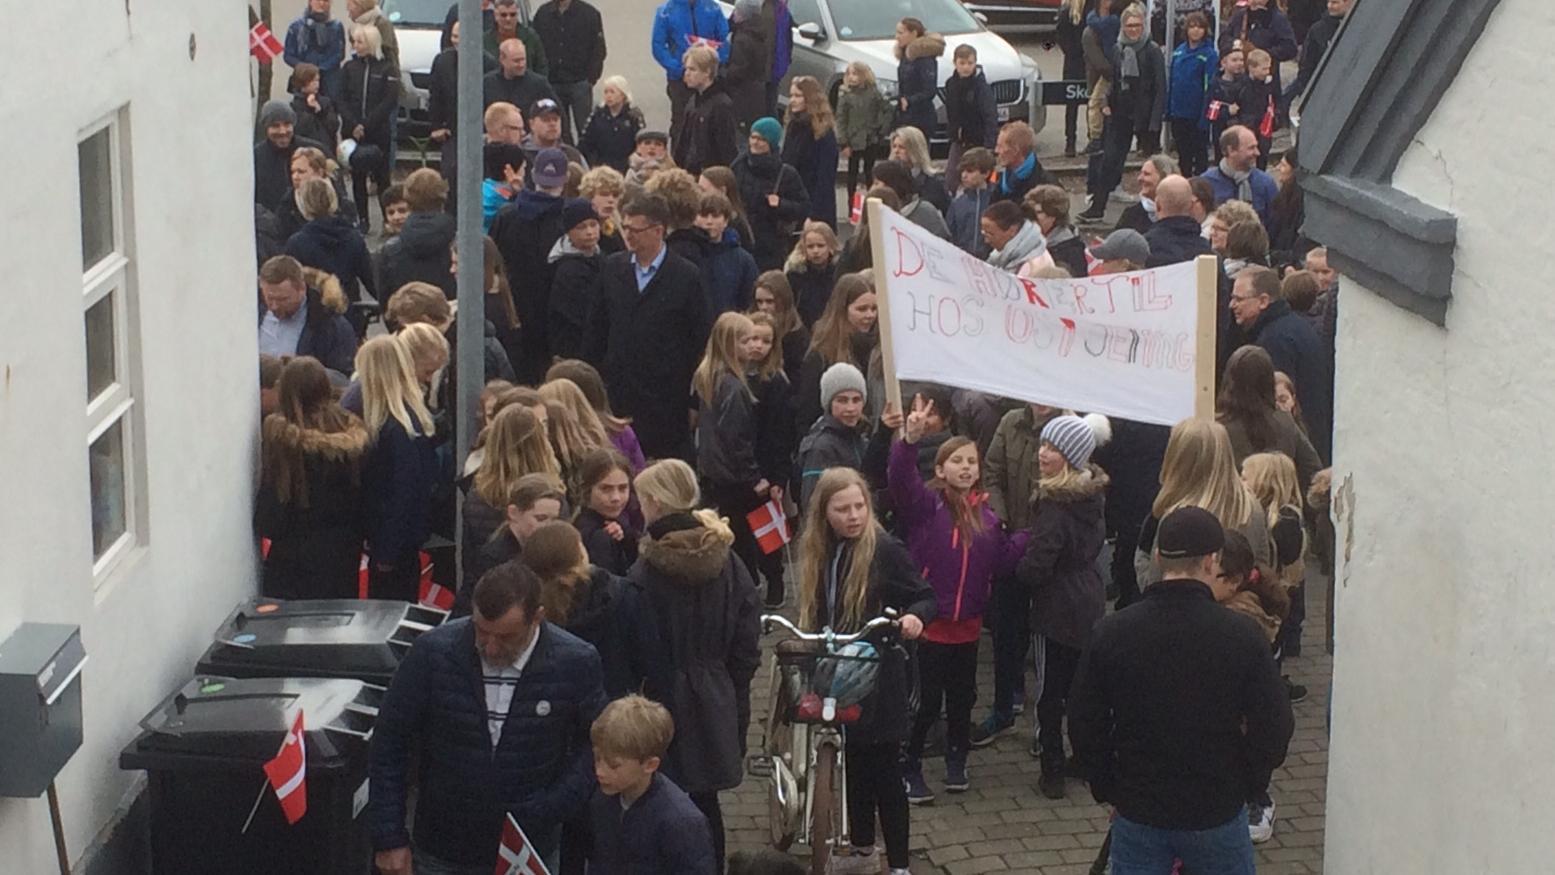 Familien Shamasneh, demonstration, Jelling, udvisning